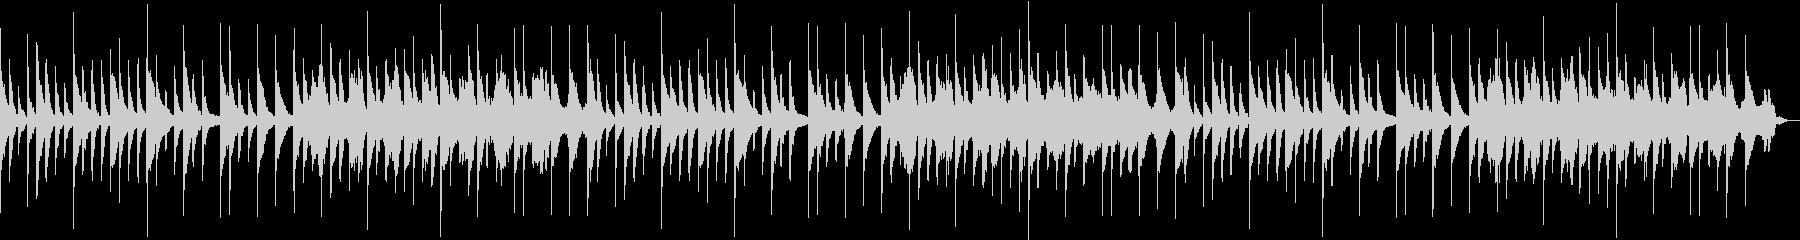 ピアノ音楽を528hzにチューニングの未再生の波形